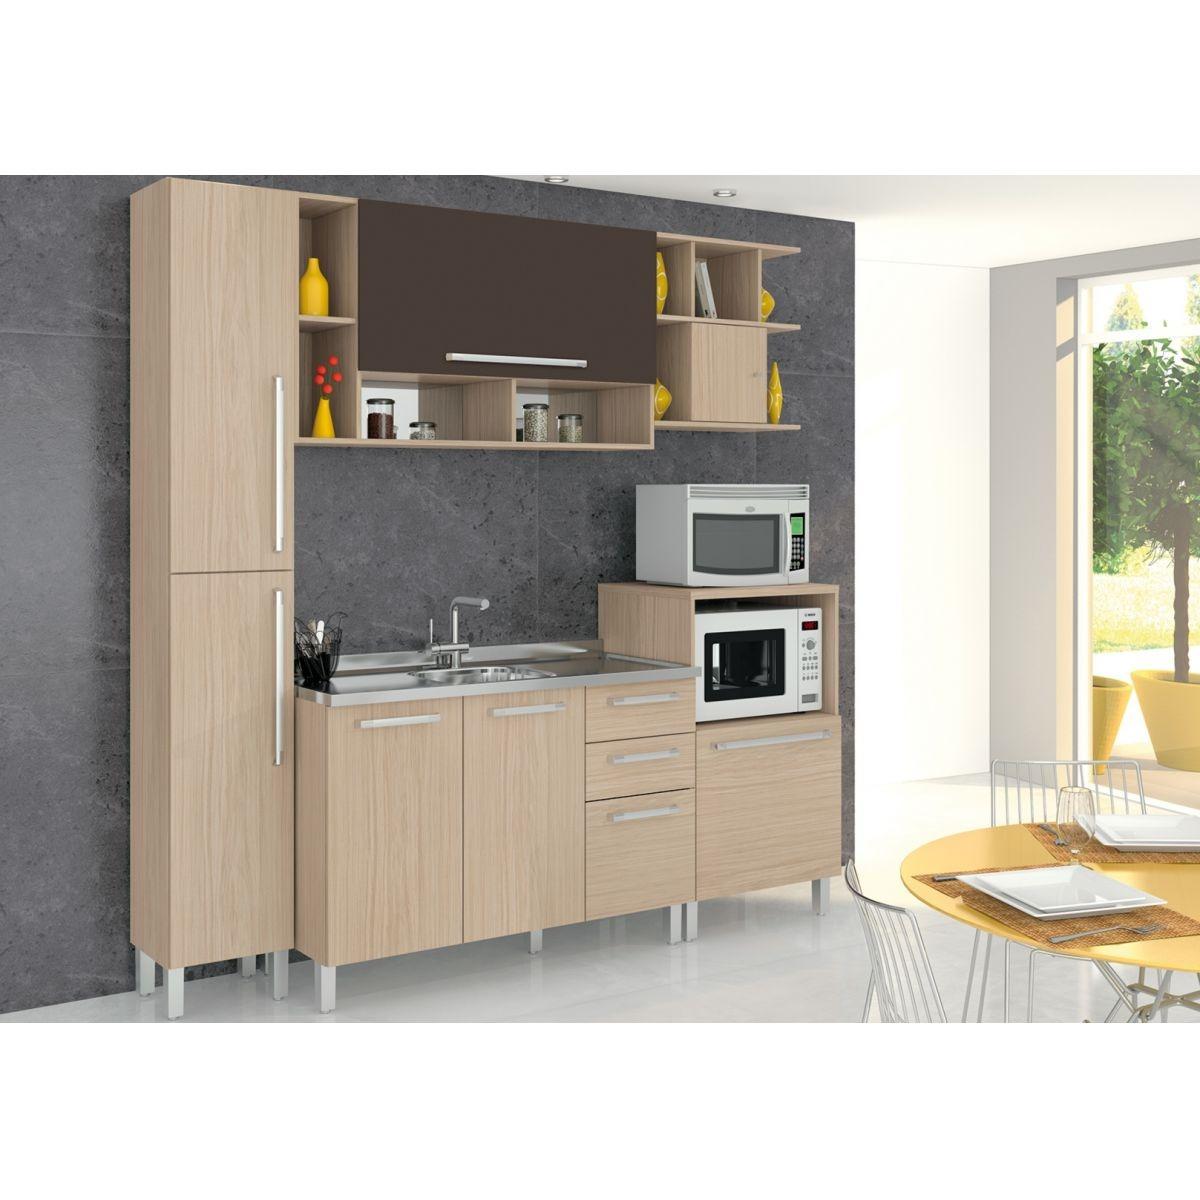 Cozinha Completa 5 Pe As Ambiente 2 Smart Lojix R 1 499 90 Em